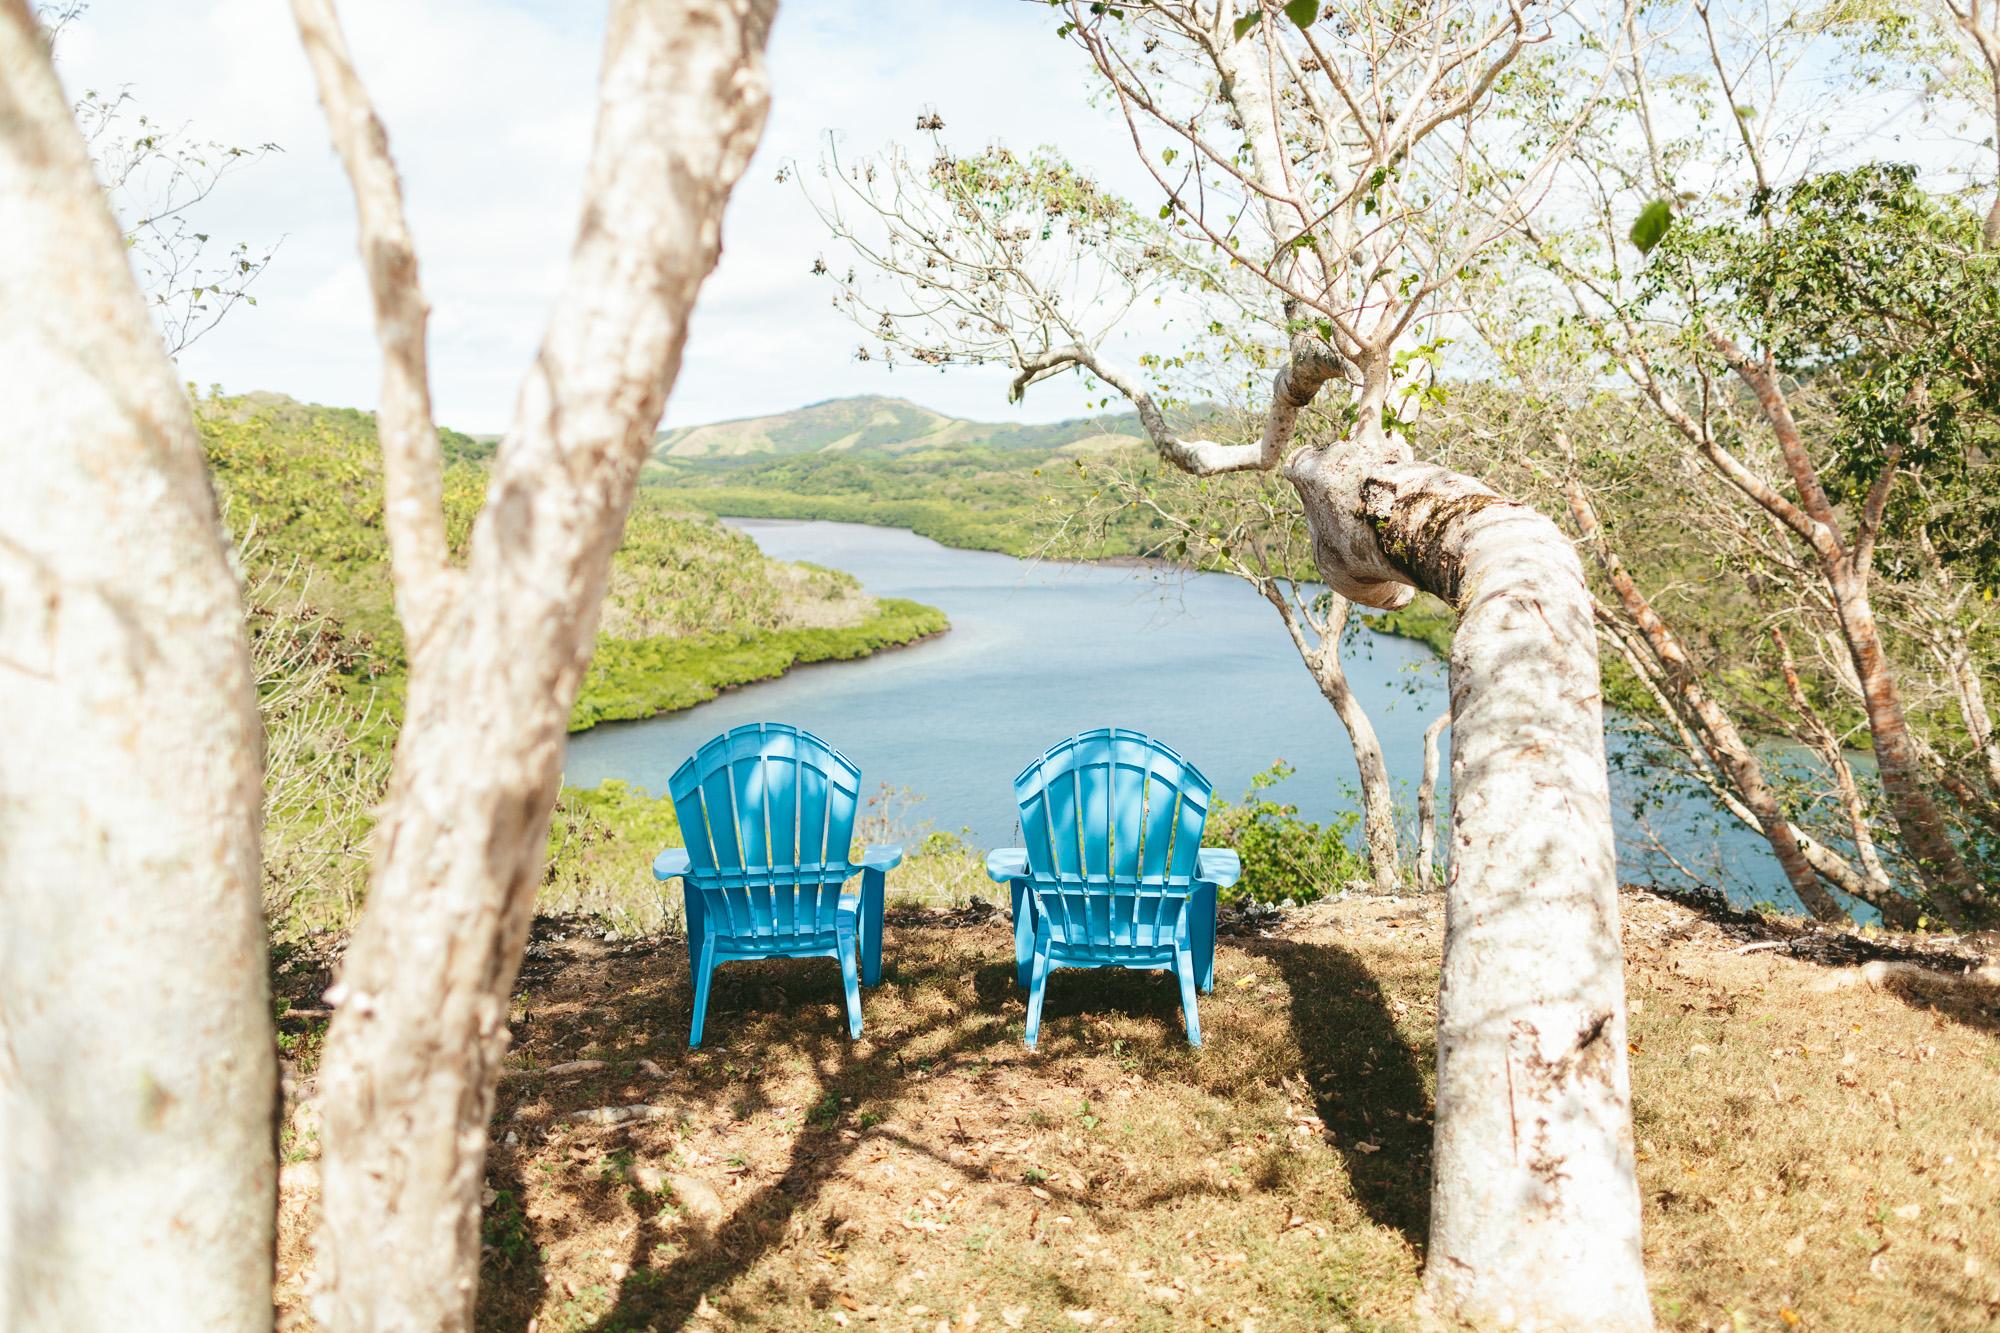 Hike to the peak - The Remote Resort Fiji Islands - Fiji Resort